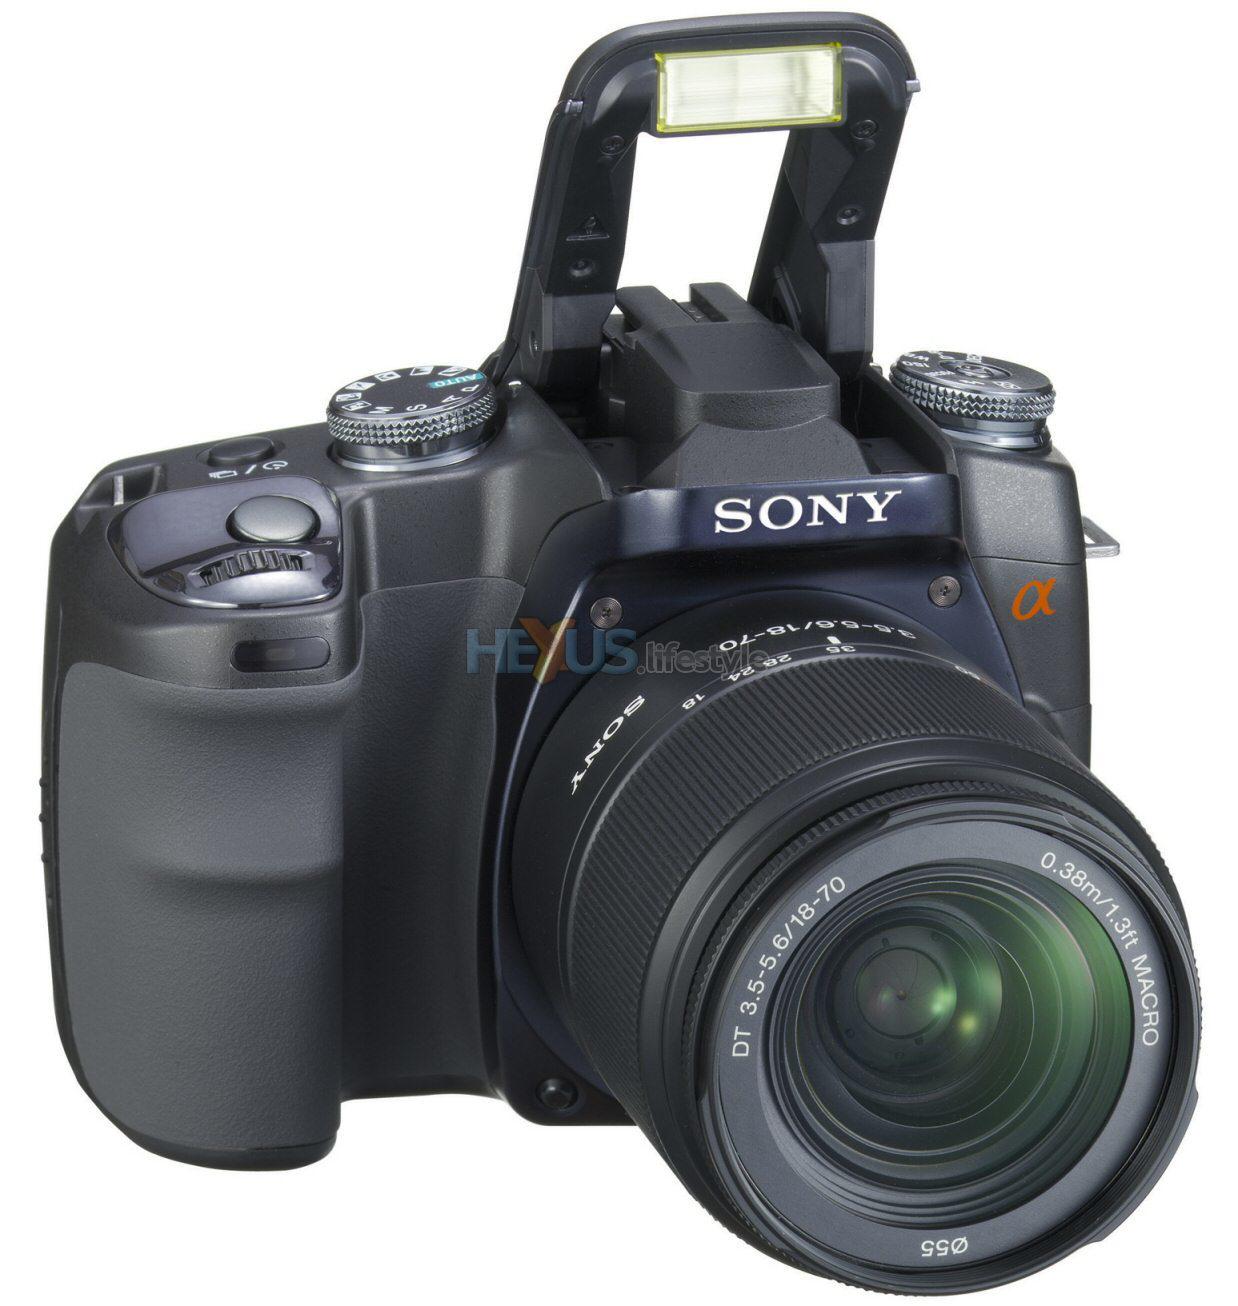 Camera Dslr Slr Camera sony details its july arriving first digital slr camera cameras dslr a100 with flash up